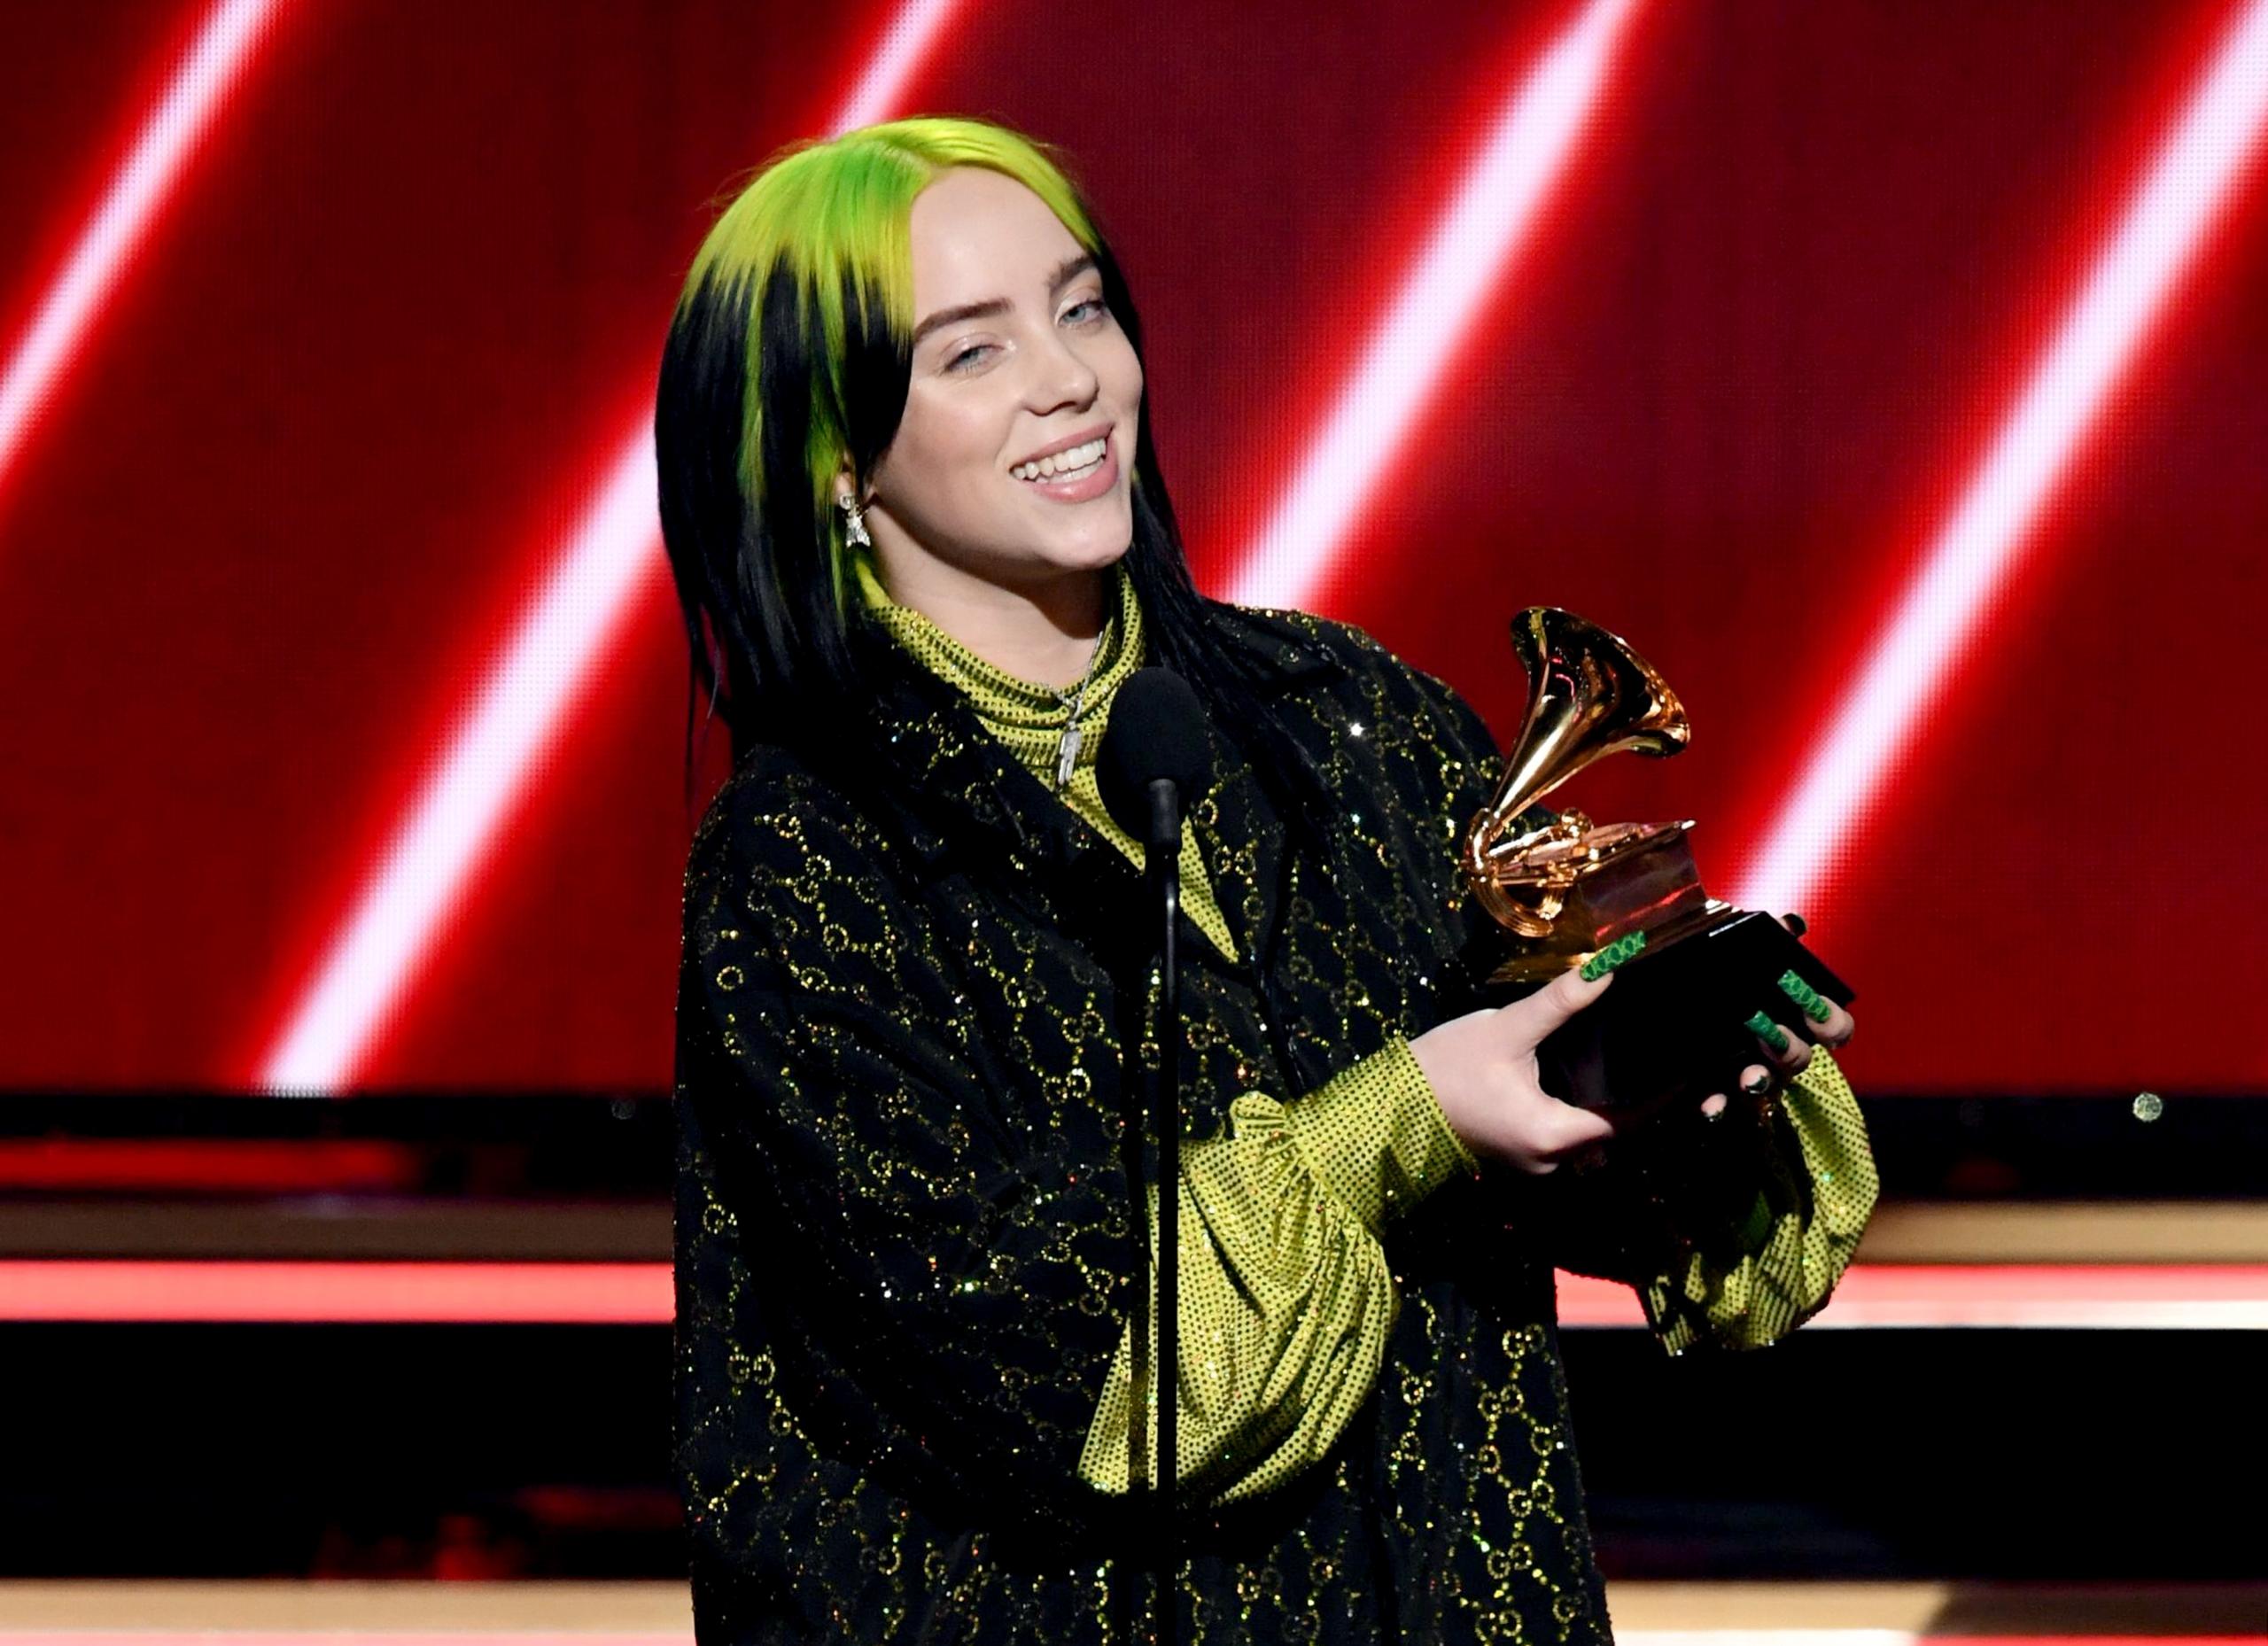 Grammys 2020: Los 11 mejores momentos de una noche llena de emociones y récords